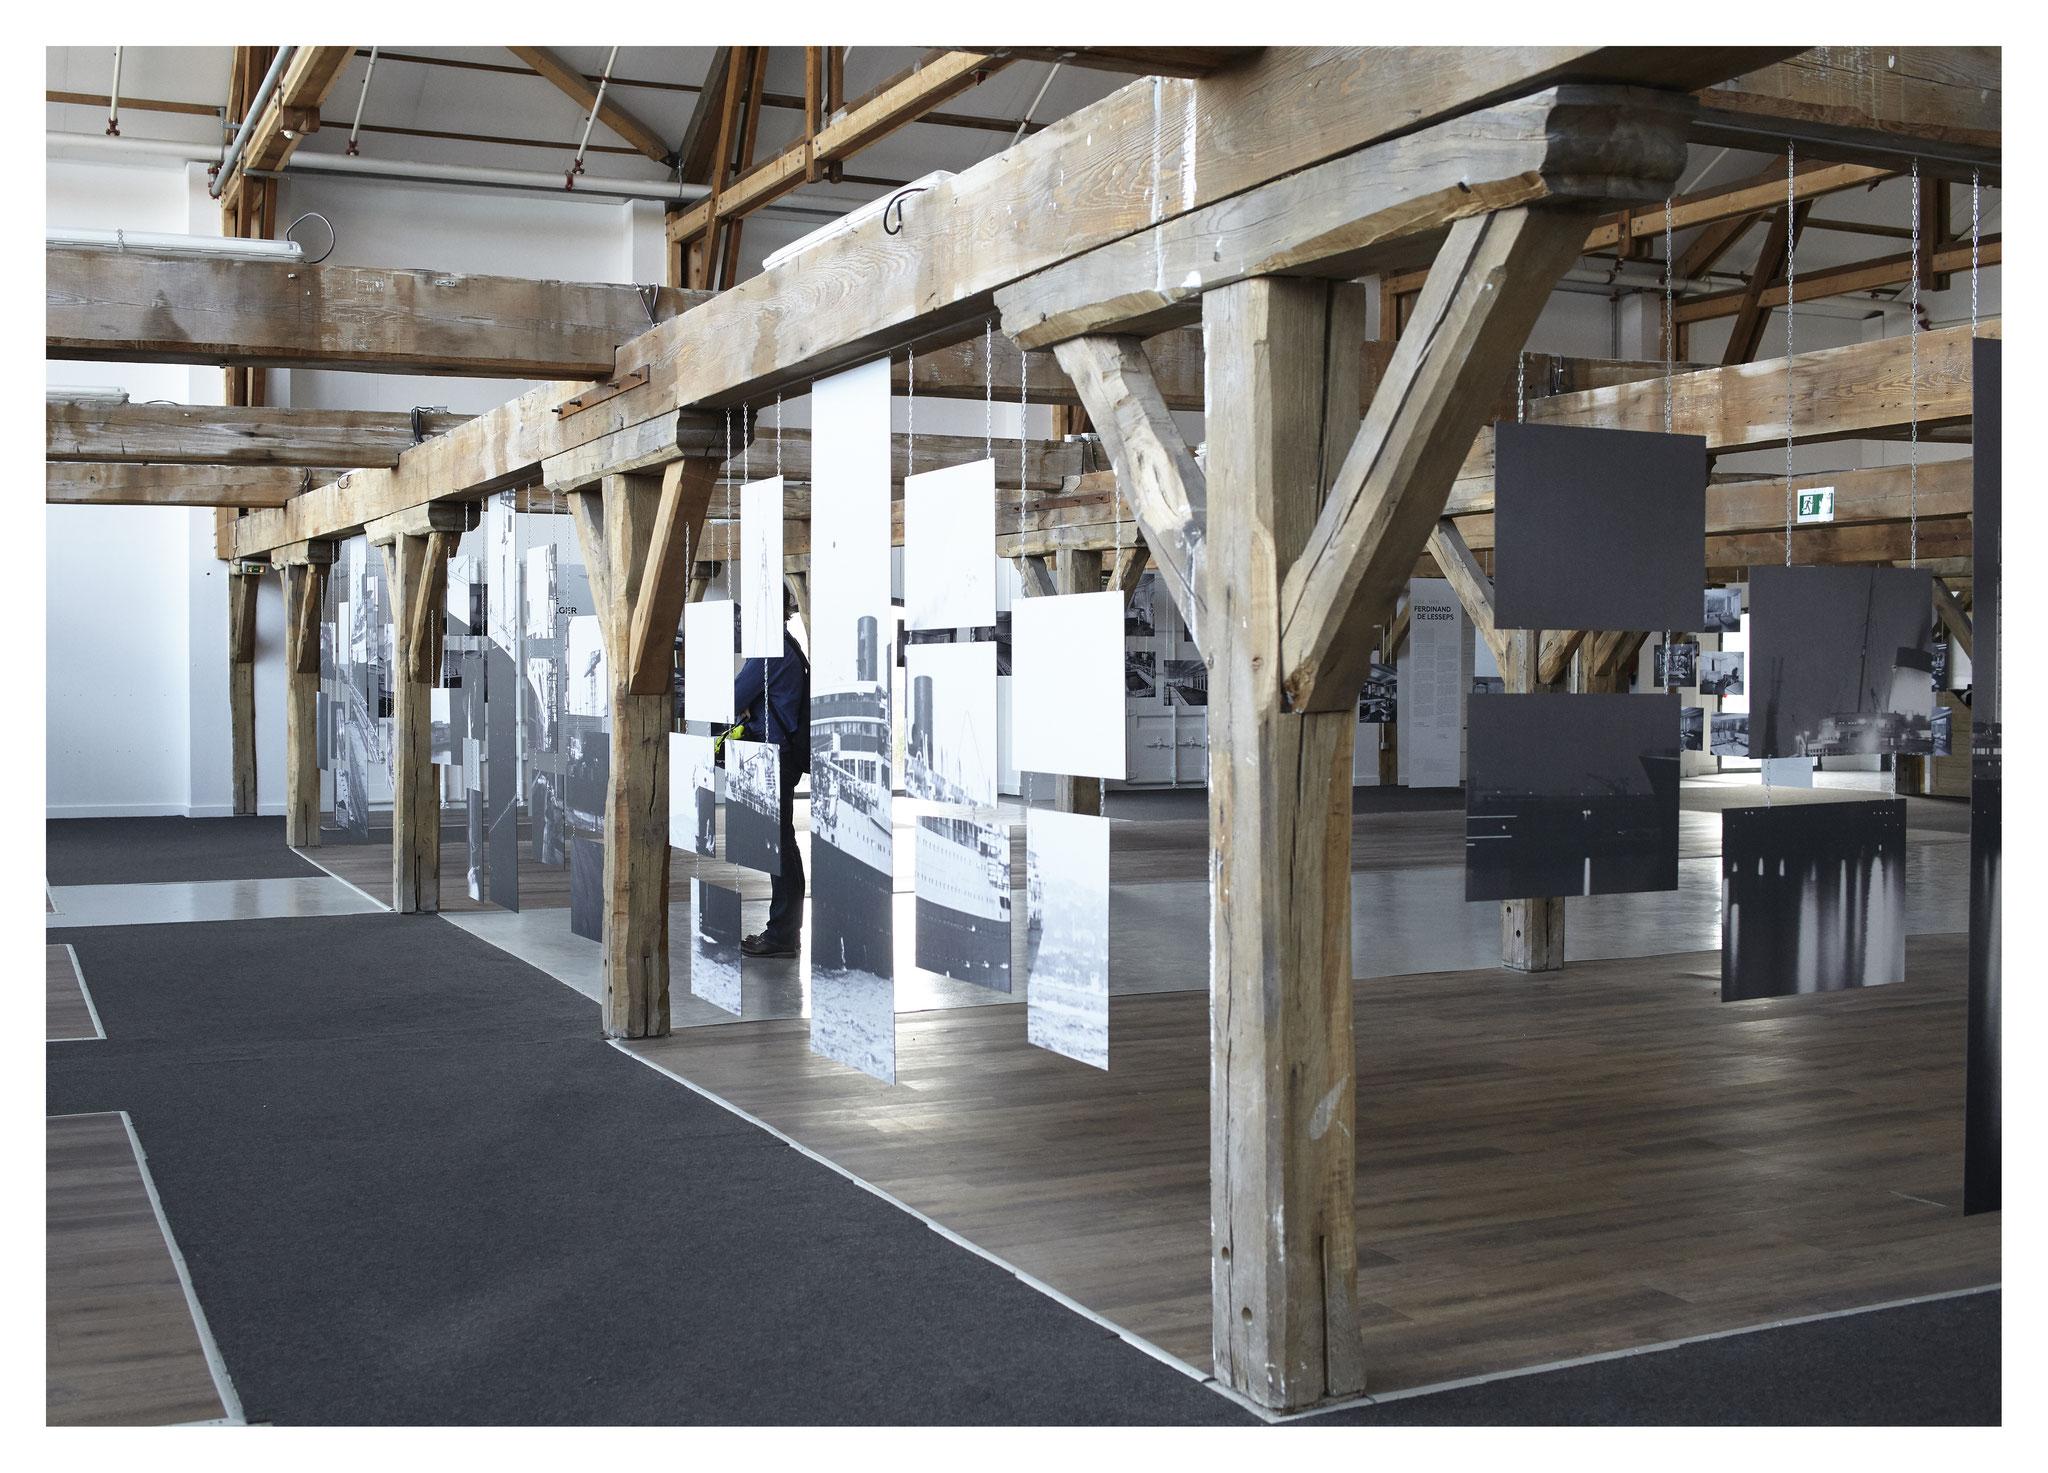 Espace blanc - Verso, photographies grand format fragmentées des paquebots